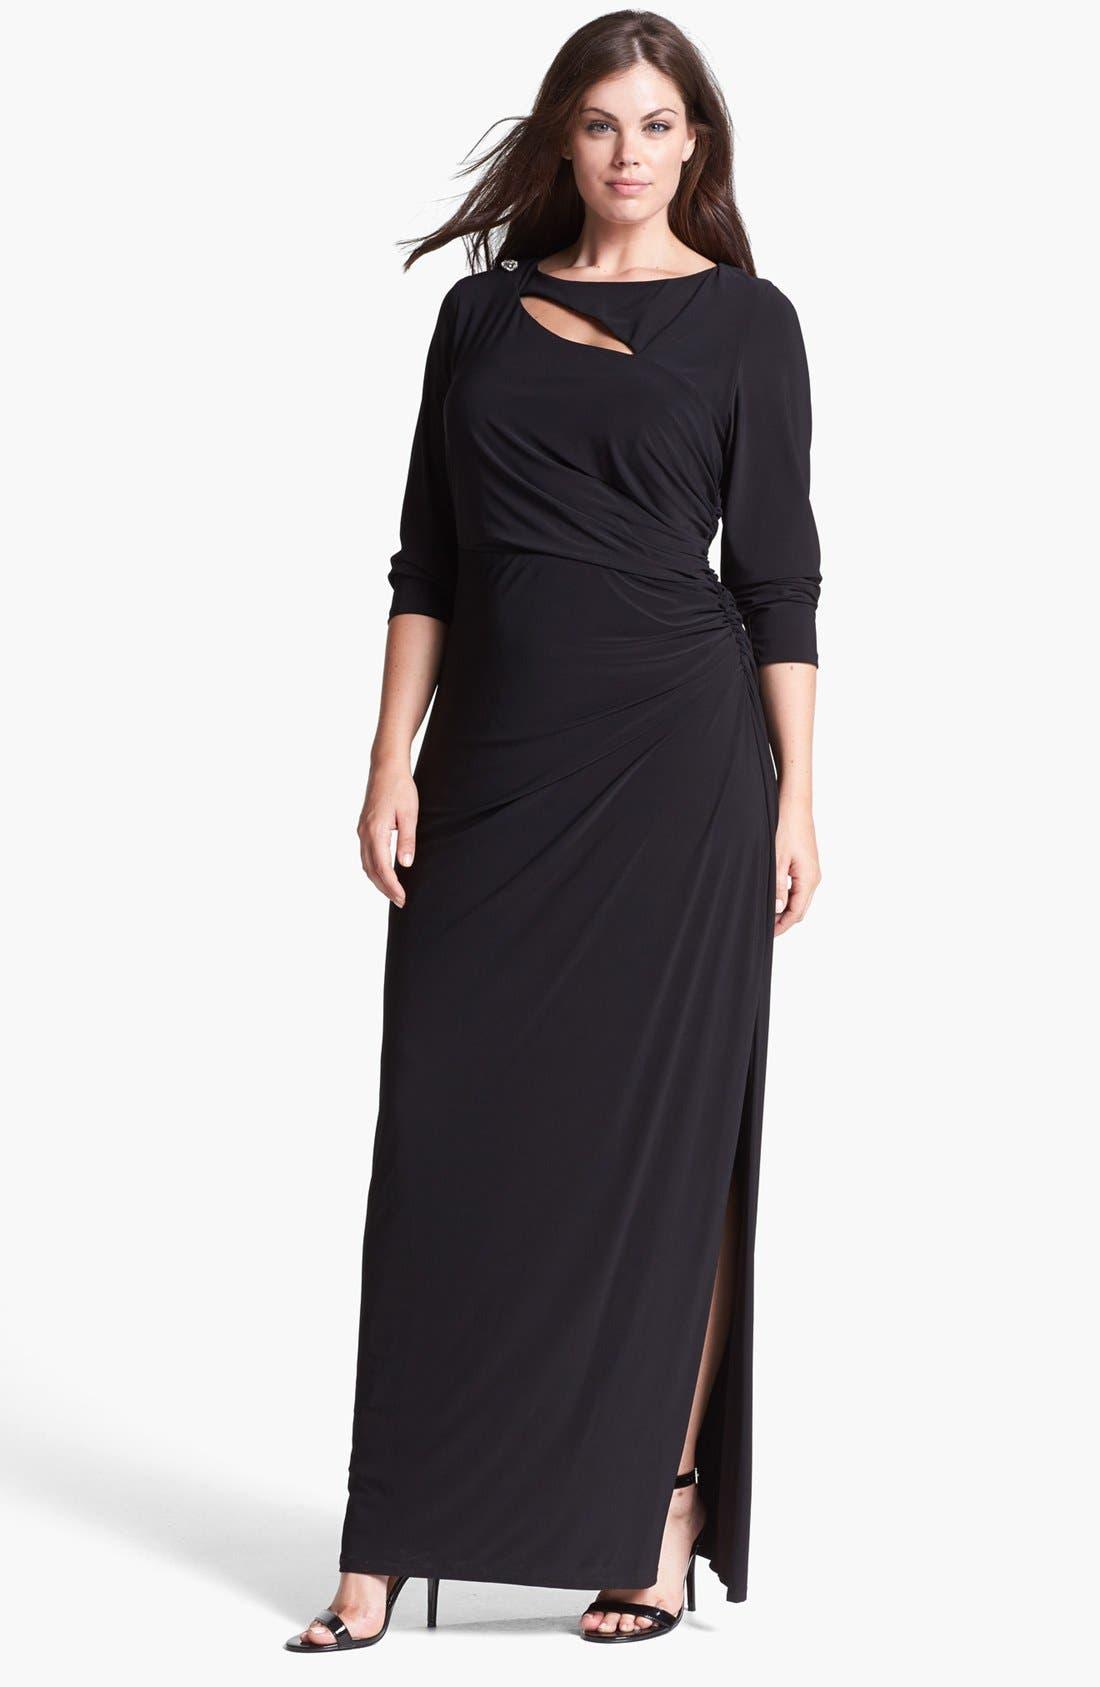 Main Image - Betsy & Adam Embellished Cutout Long Jersey Dress (Plus Size)